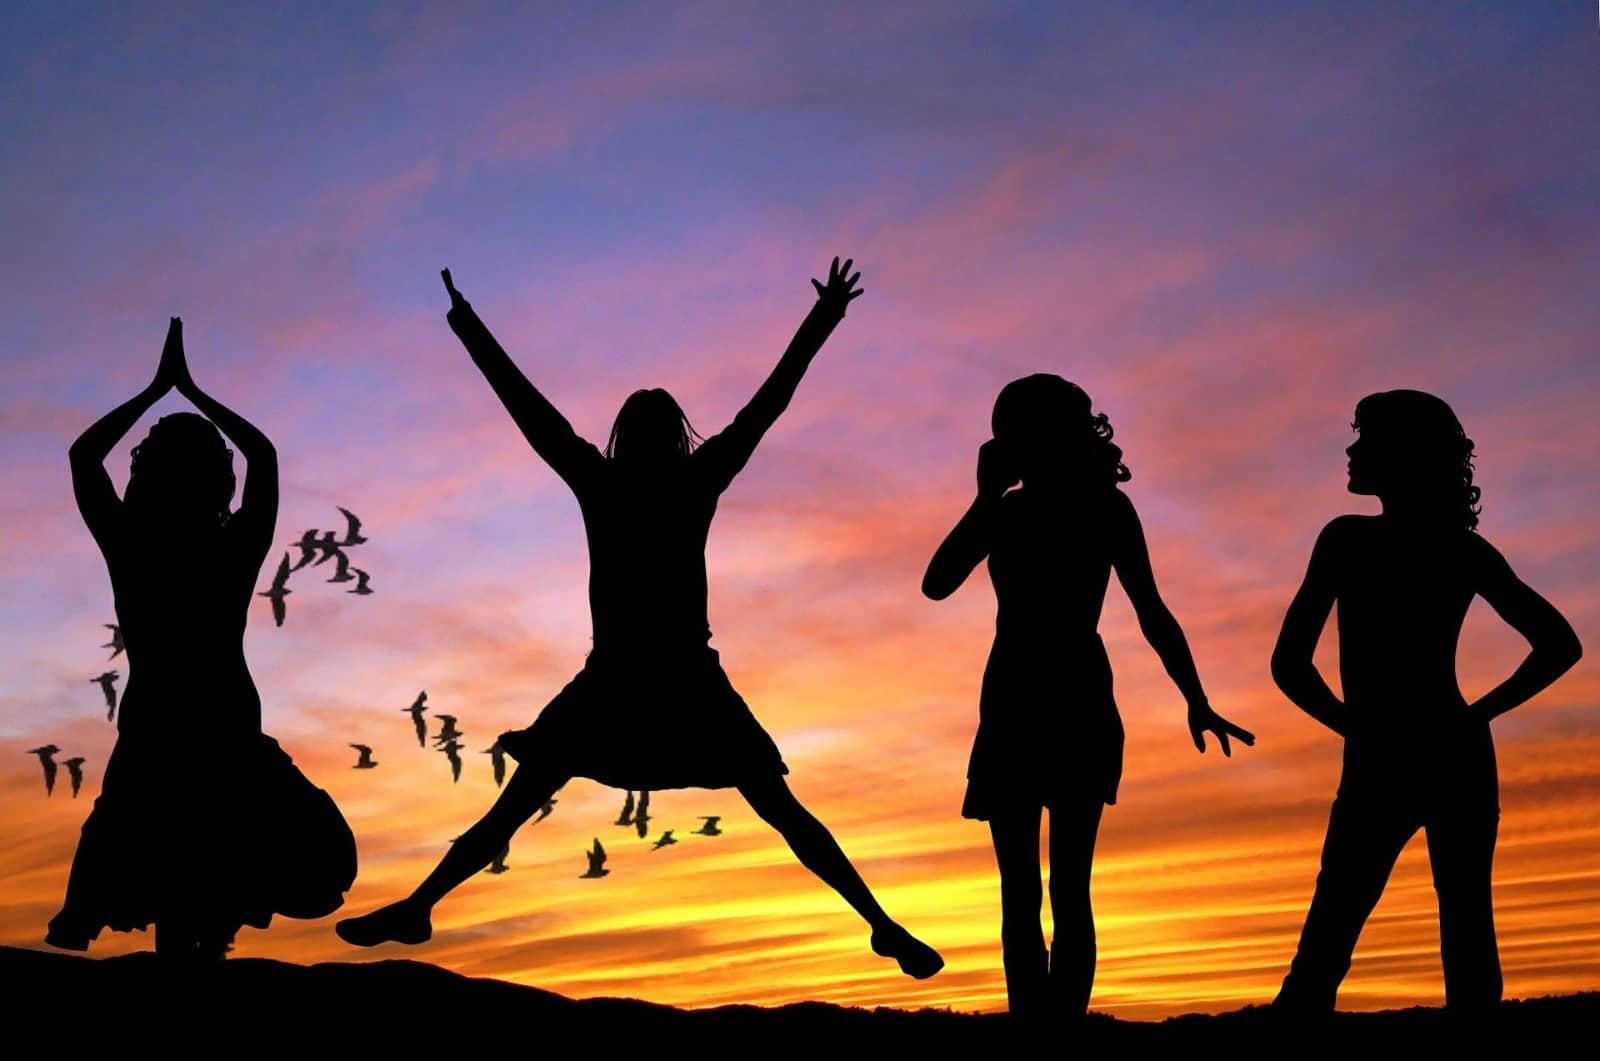 Flash Alexander - via Pixabay - 4 meisjes in silhouet bij zonsondergang